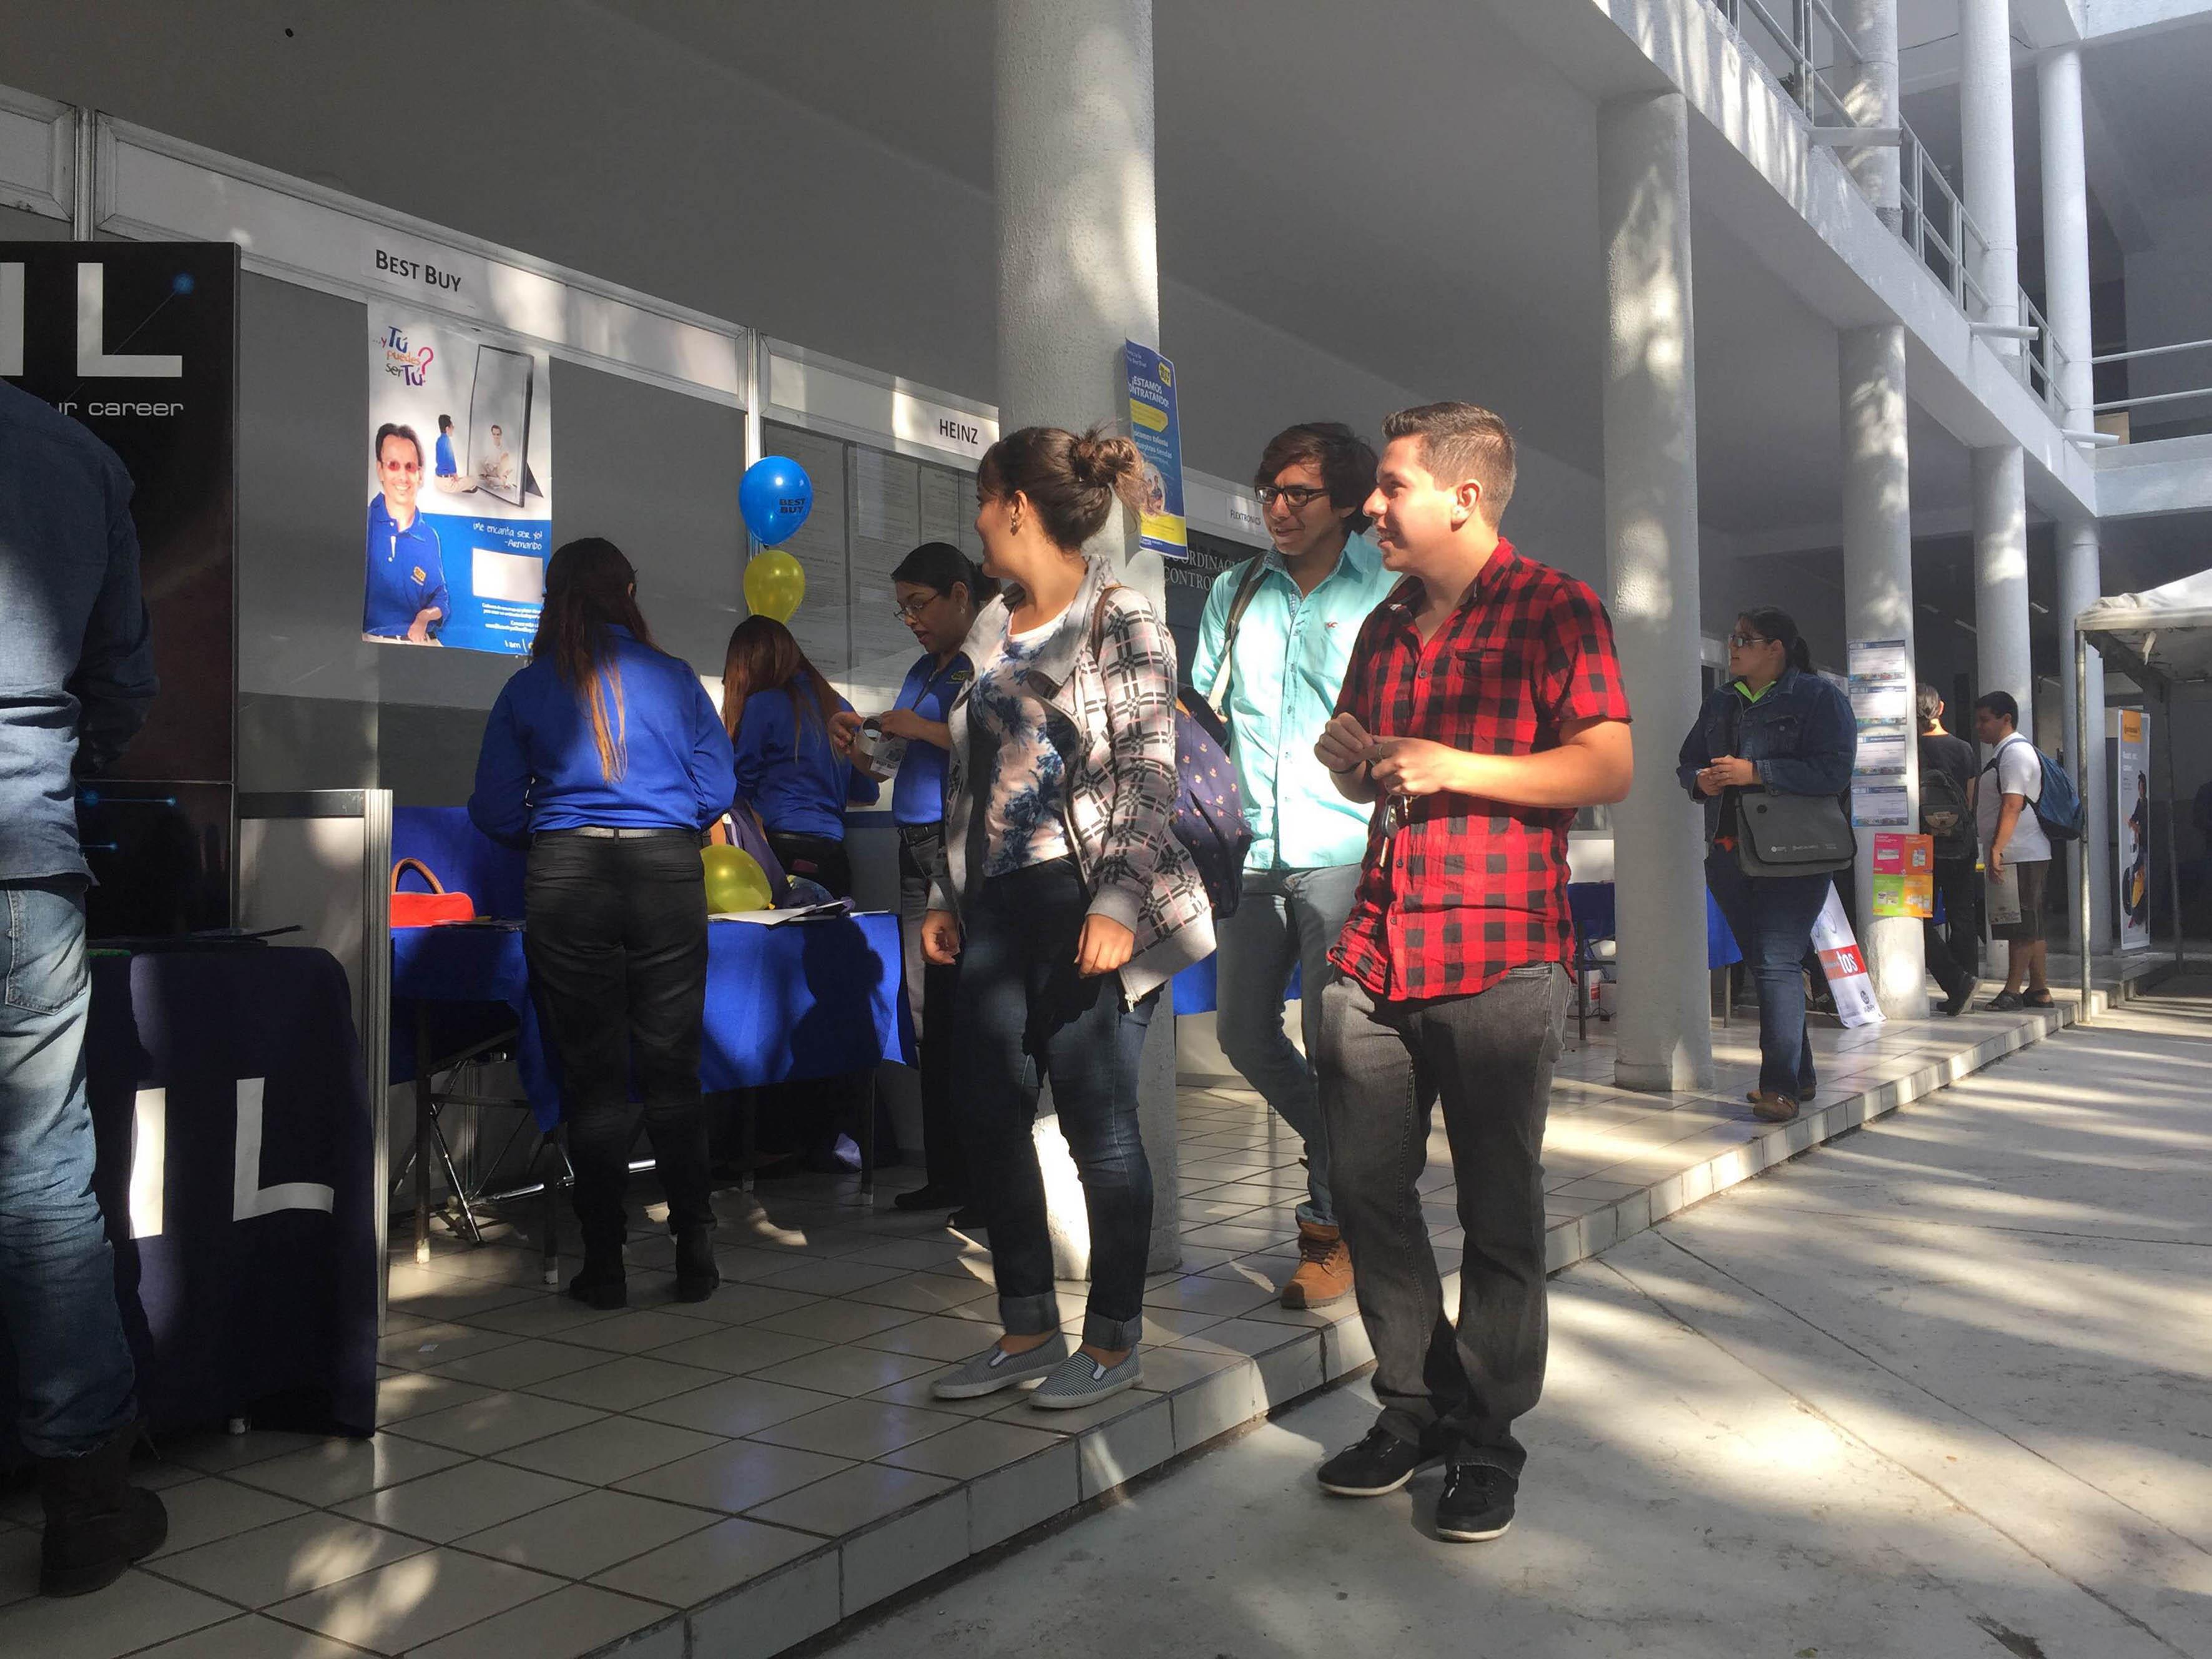 Estudiantes del CUCEI, visitando la Feria del Empleo 2016, ubicado dentro de sus instalaciones.